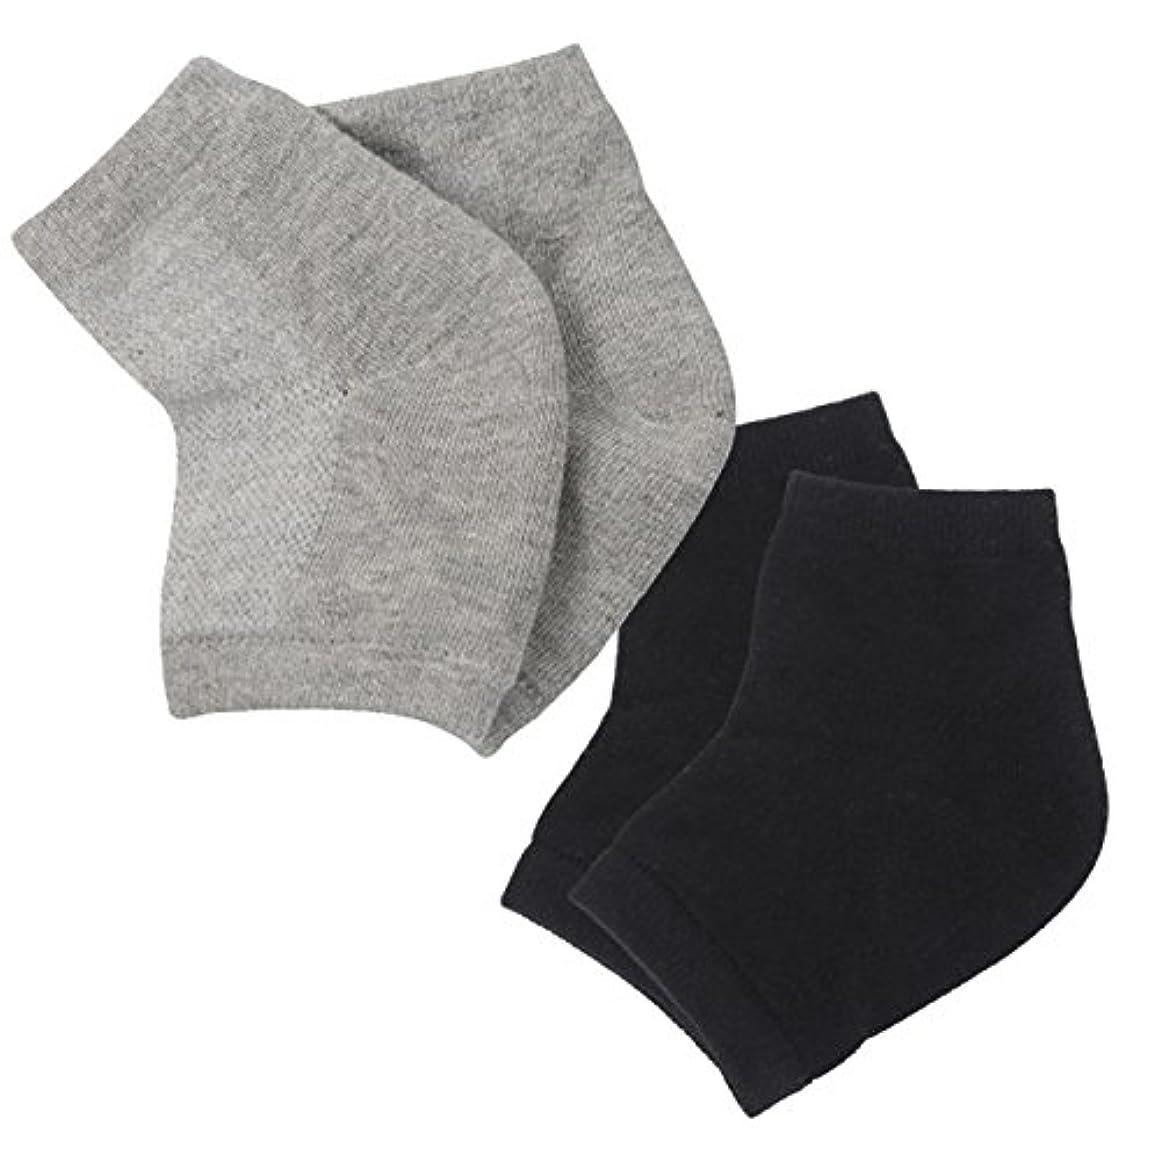 巧みなドーム娘(アクアランド) AQUALAND かかと 保湿ソックス ツルツル 乾燥 カサカサ 履くだけ 簡単 洗える シリコン 指だし 削らない 塗らない 寝ている間に 男女兼用 サイズフリー 2足組セット (ブラック+グレー)